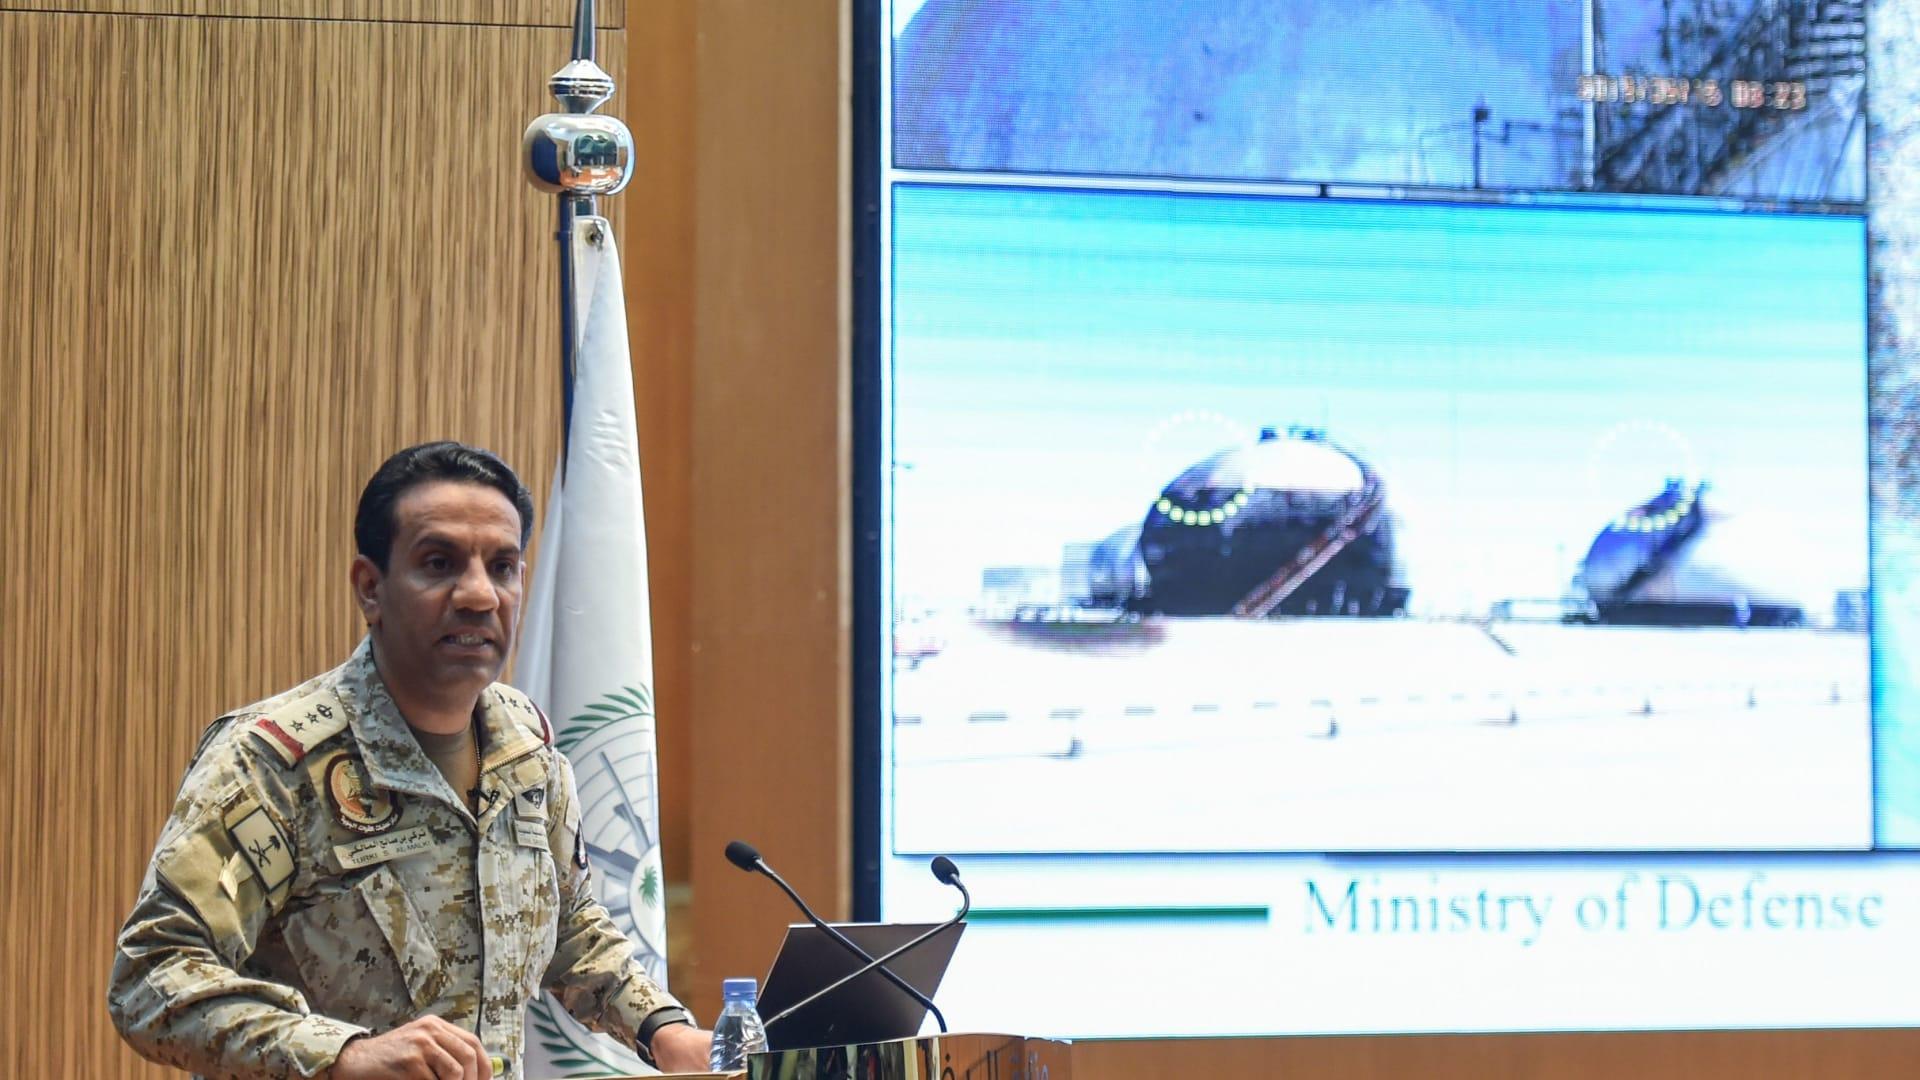 المالكي: قوات التحالف دمرت زورقا مُسيرًا أطلقه الحوثيون لشن عمل إرهابي